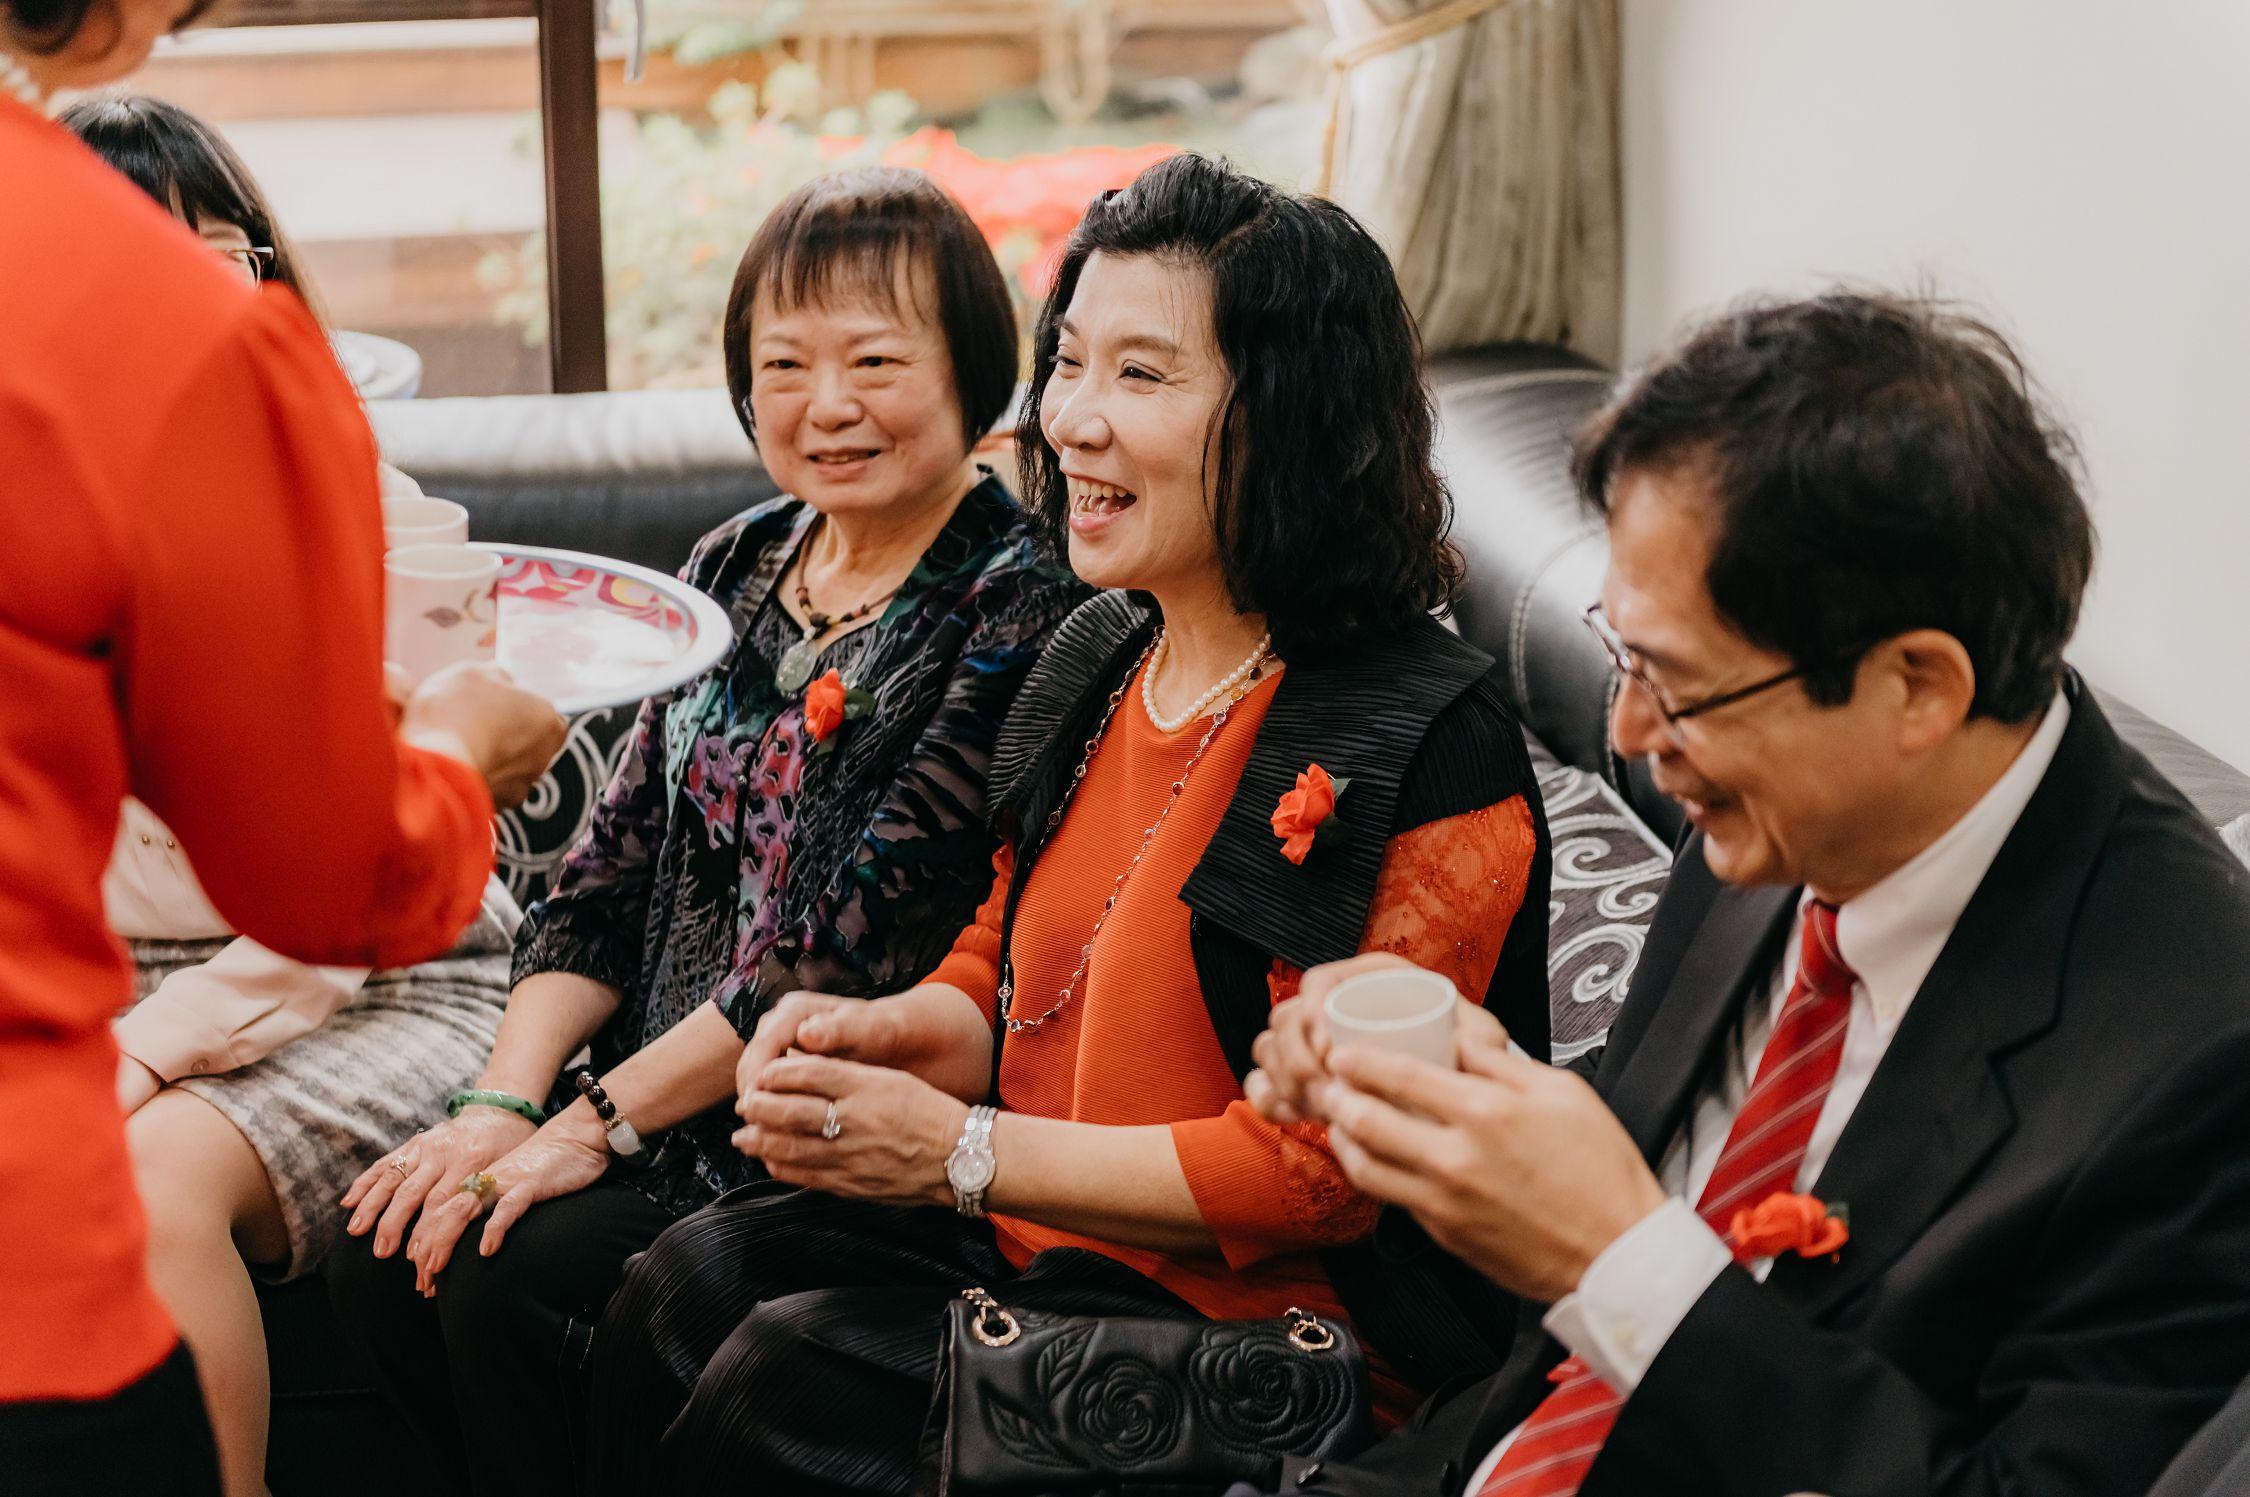 婚禮,婚禮記錄,婚攝,台北攝影師,新娘物語推薦,ptt推薦,雙機攝影,自宅儀式,奉茶,闖關,拜別父母,台北喜來登,類婚紗,白日夢工廠,婚錄,動態錄影,一進,婚禮小物,